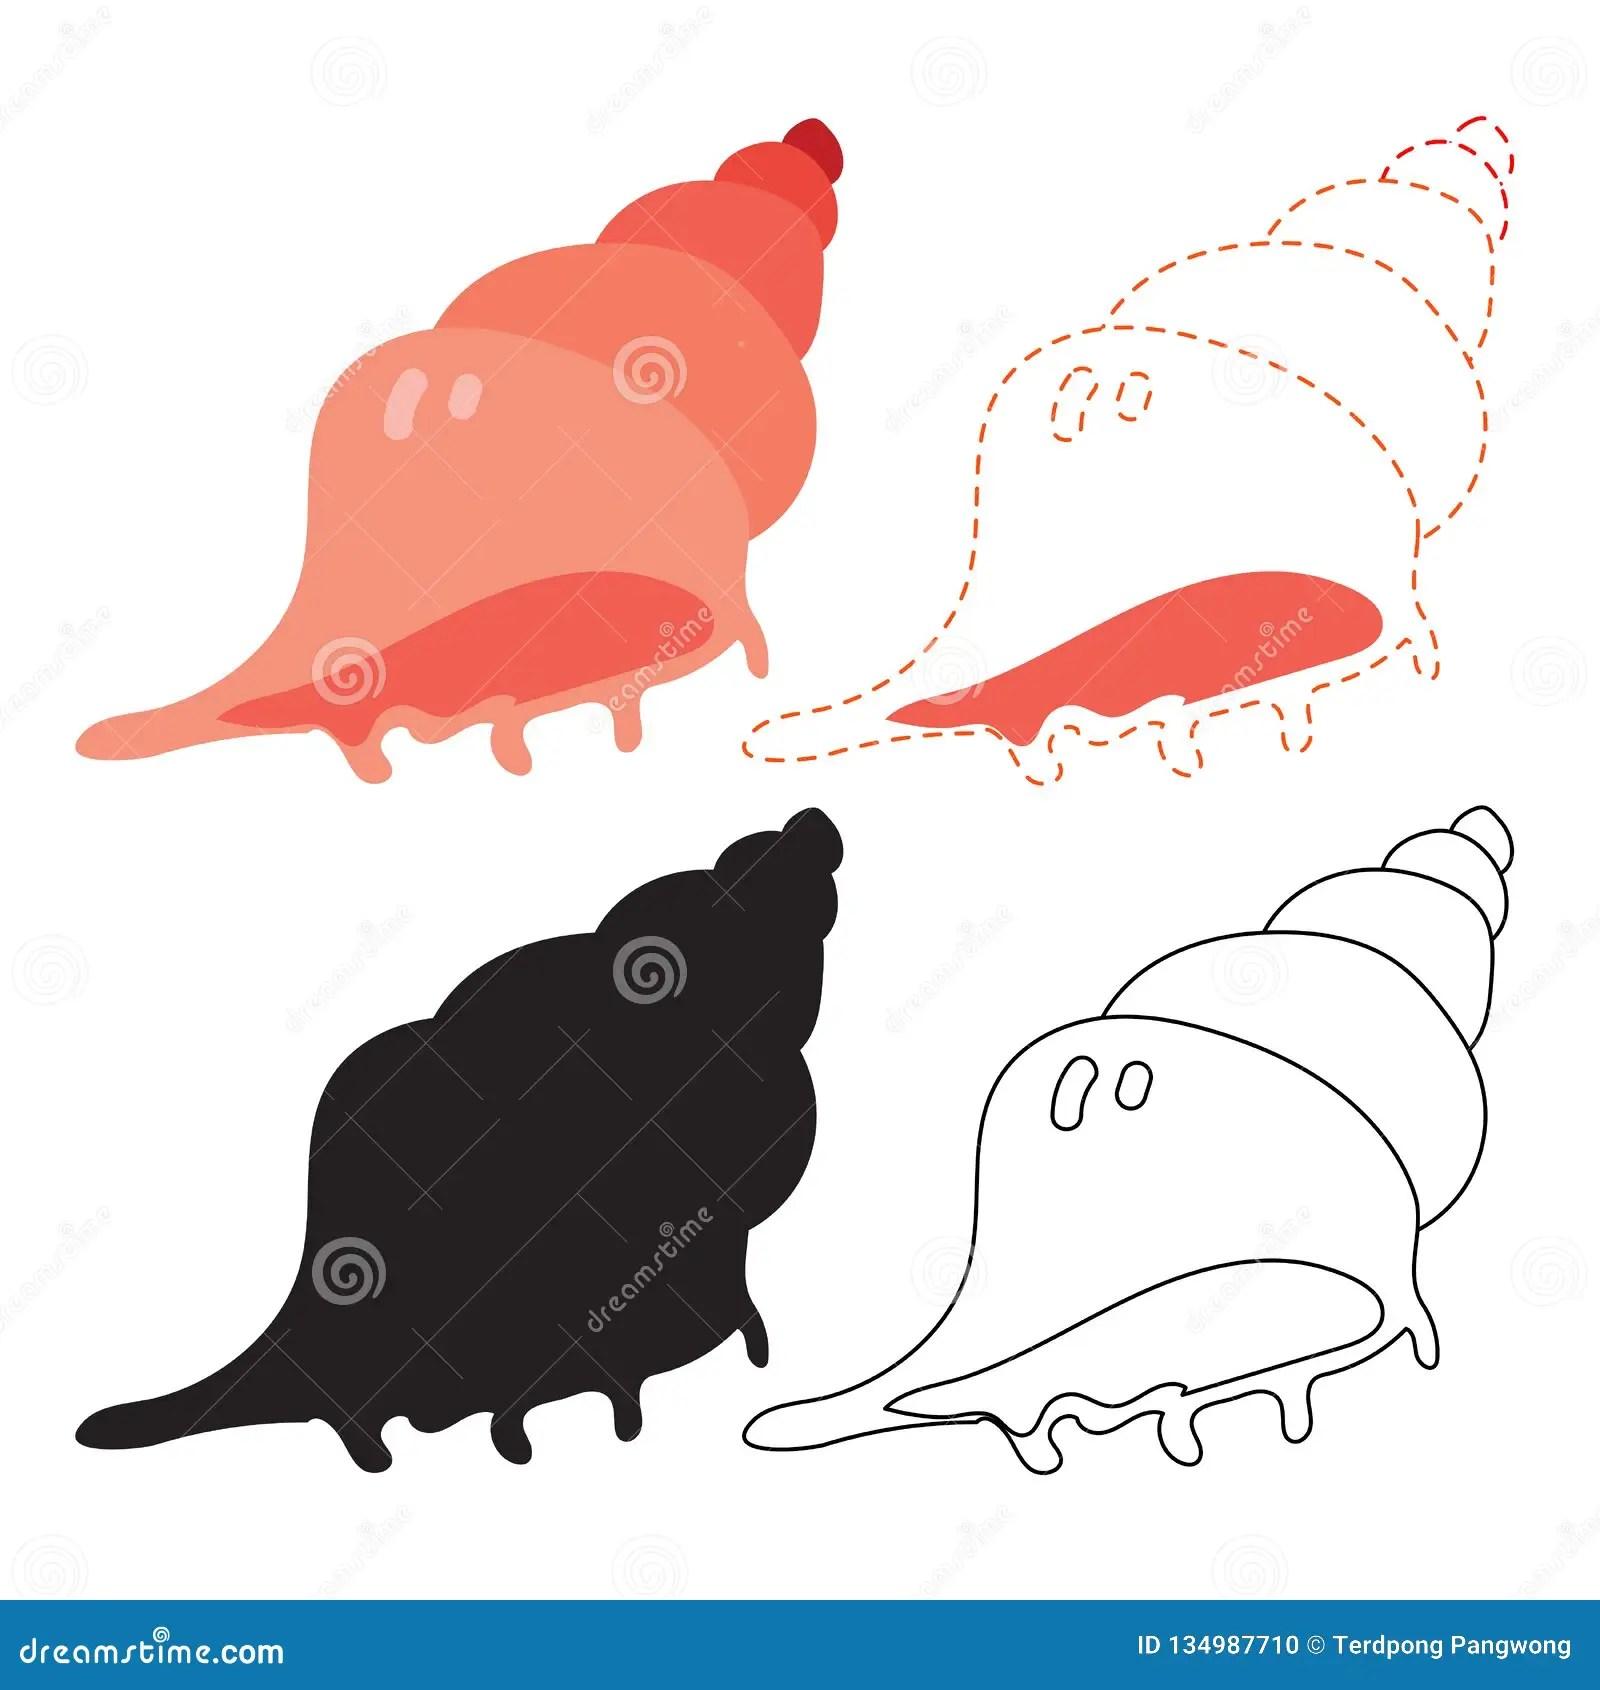 Shell Worksheet Vector Design Stock Illustration